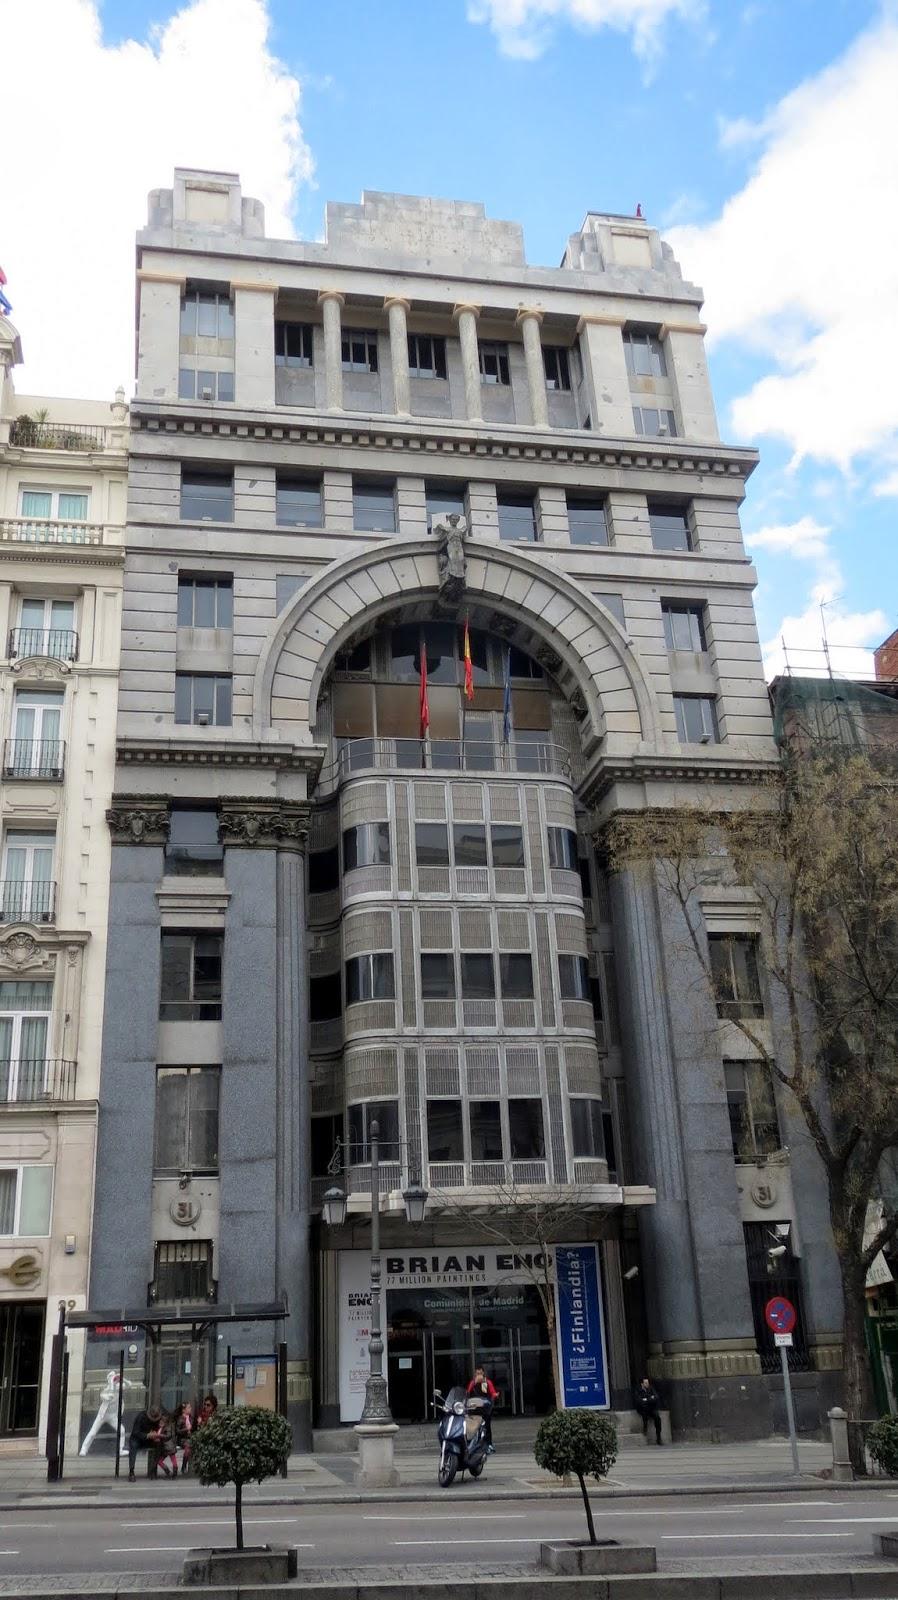 Antonio Palacios. Banco Mercantil e Industrial hoy sede de la Consejería de Cultura y Deportes de la Comunidad de Madrid.